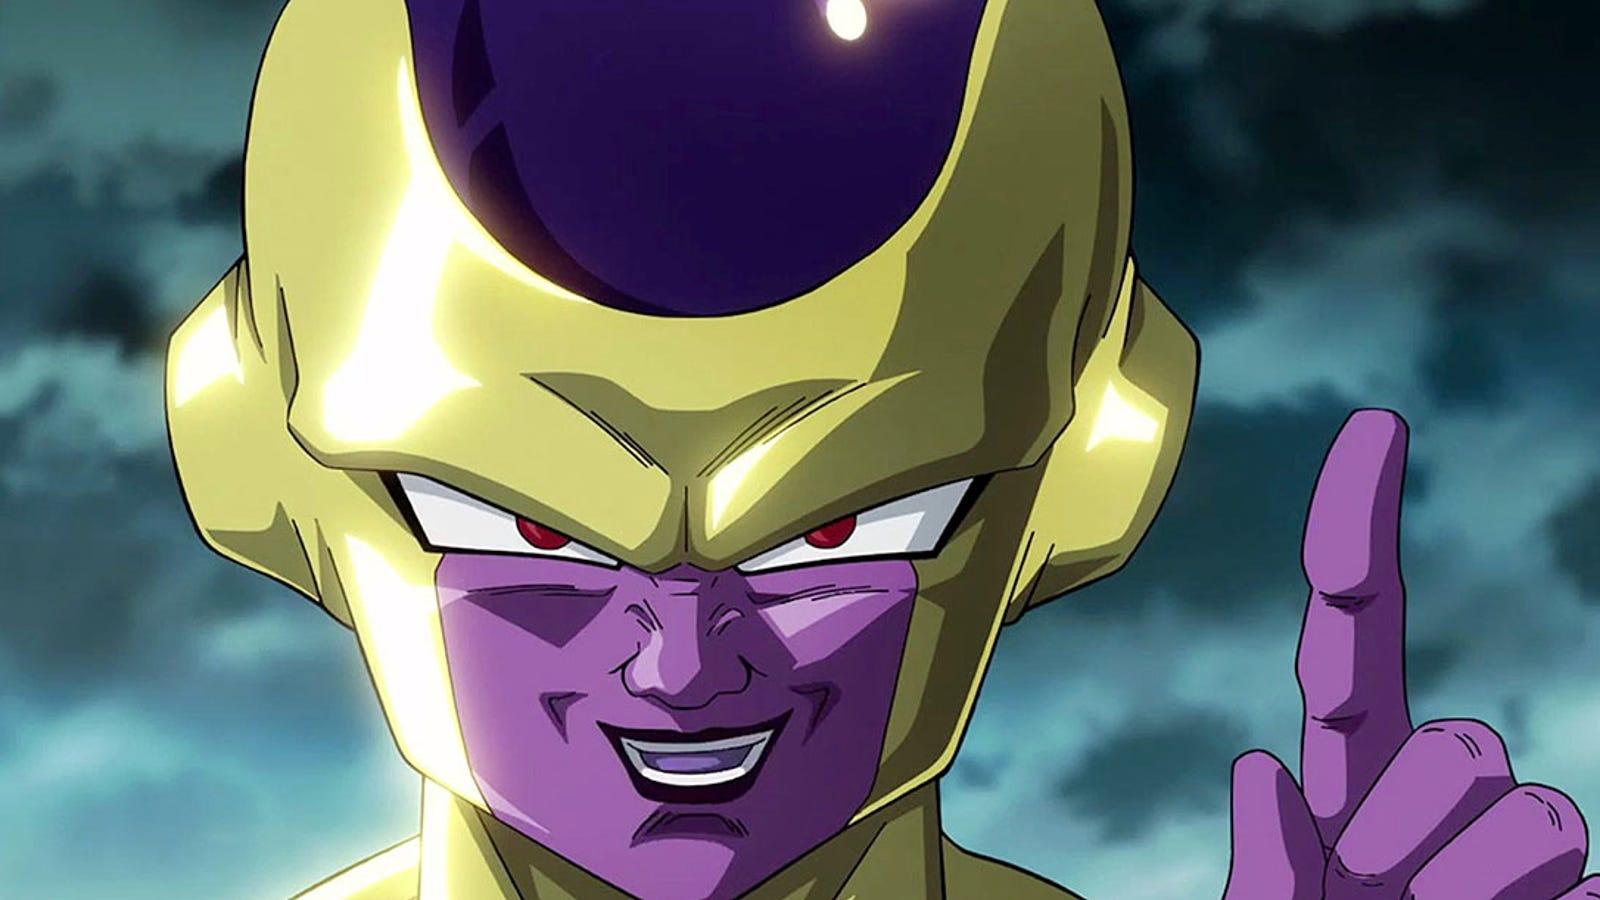 Así es la nueva y polémica forma del mayor villano de Dragon Ball Z